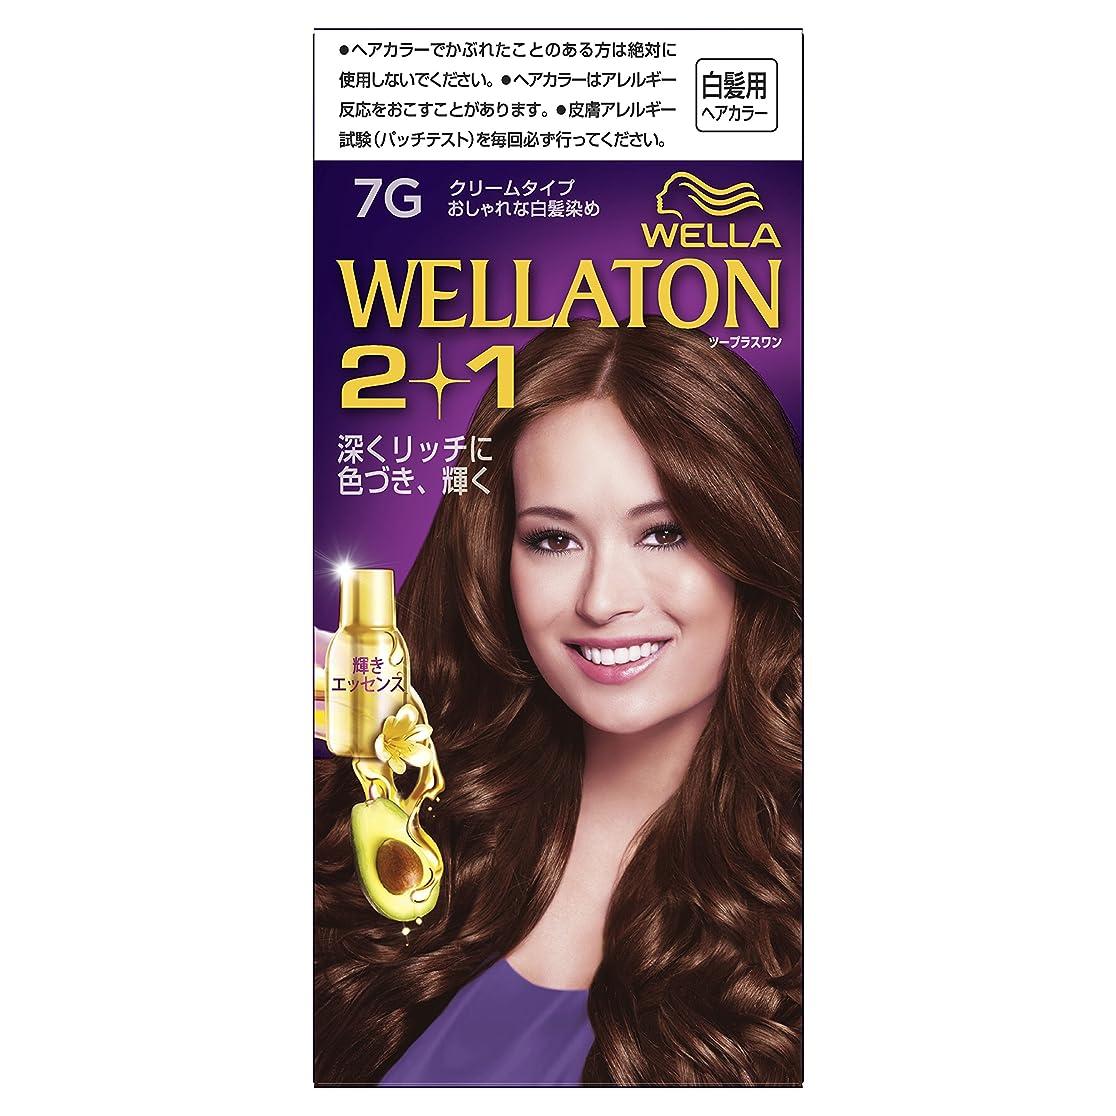 オートメーションバタースワップウエラトーン2+1 クリームタイプ 7G [医薬部外品](おしゃれな白髪染め)